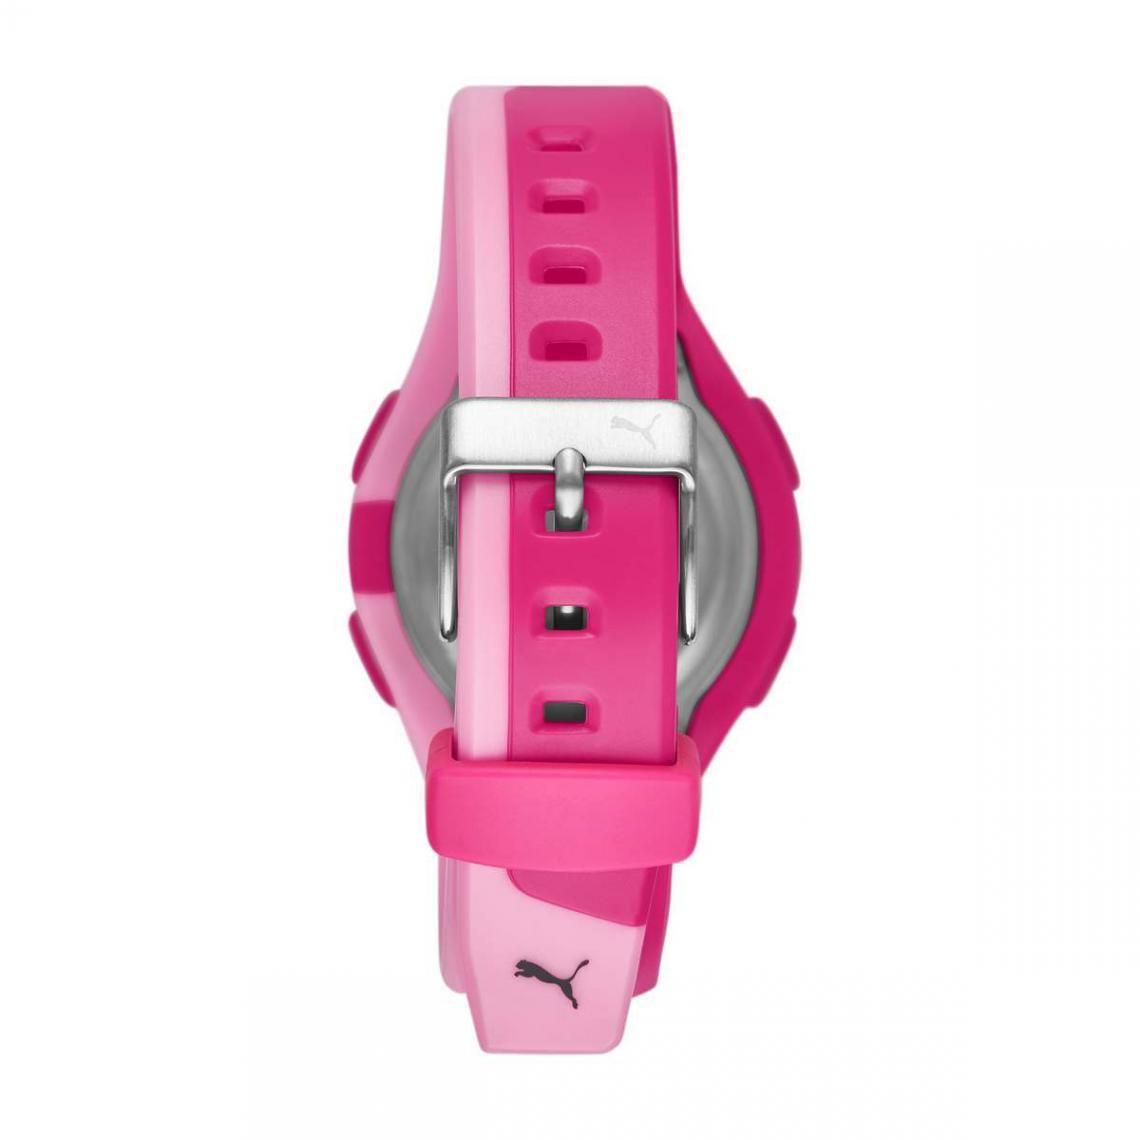 Montre femme Puma Montres P6008 - Bracelet Silicone Rose sur ...